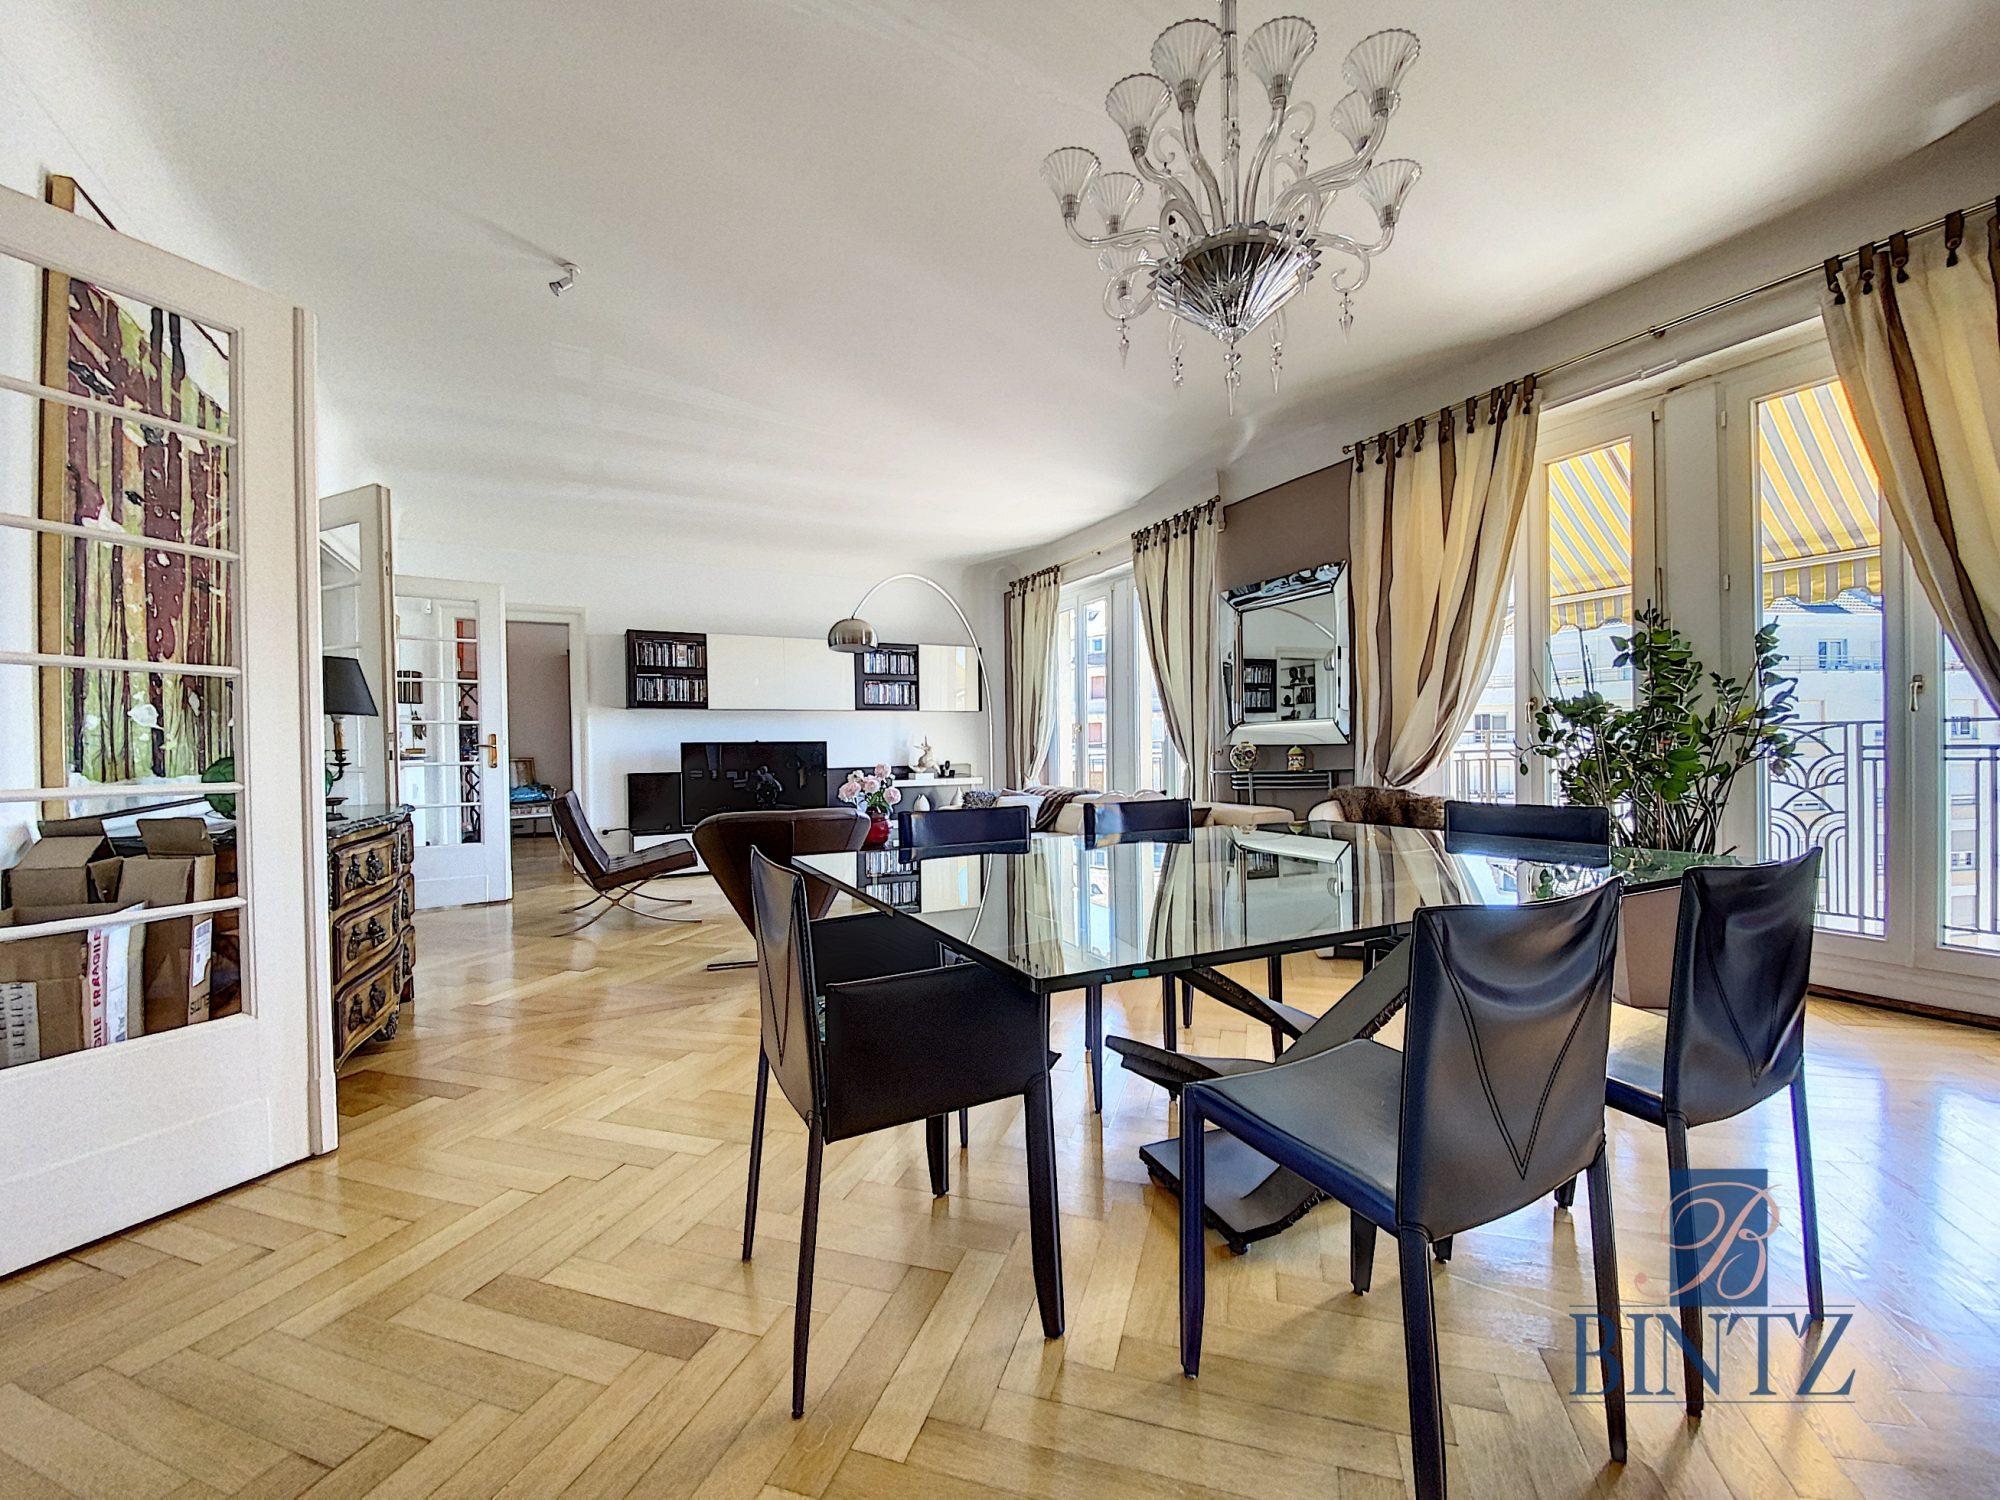 5 PIÈCES QUARTIER DES HALLES - Devenez propriétaire en toute confiance - Bintz Immobilier - 1